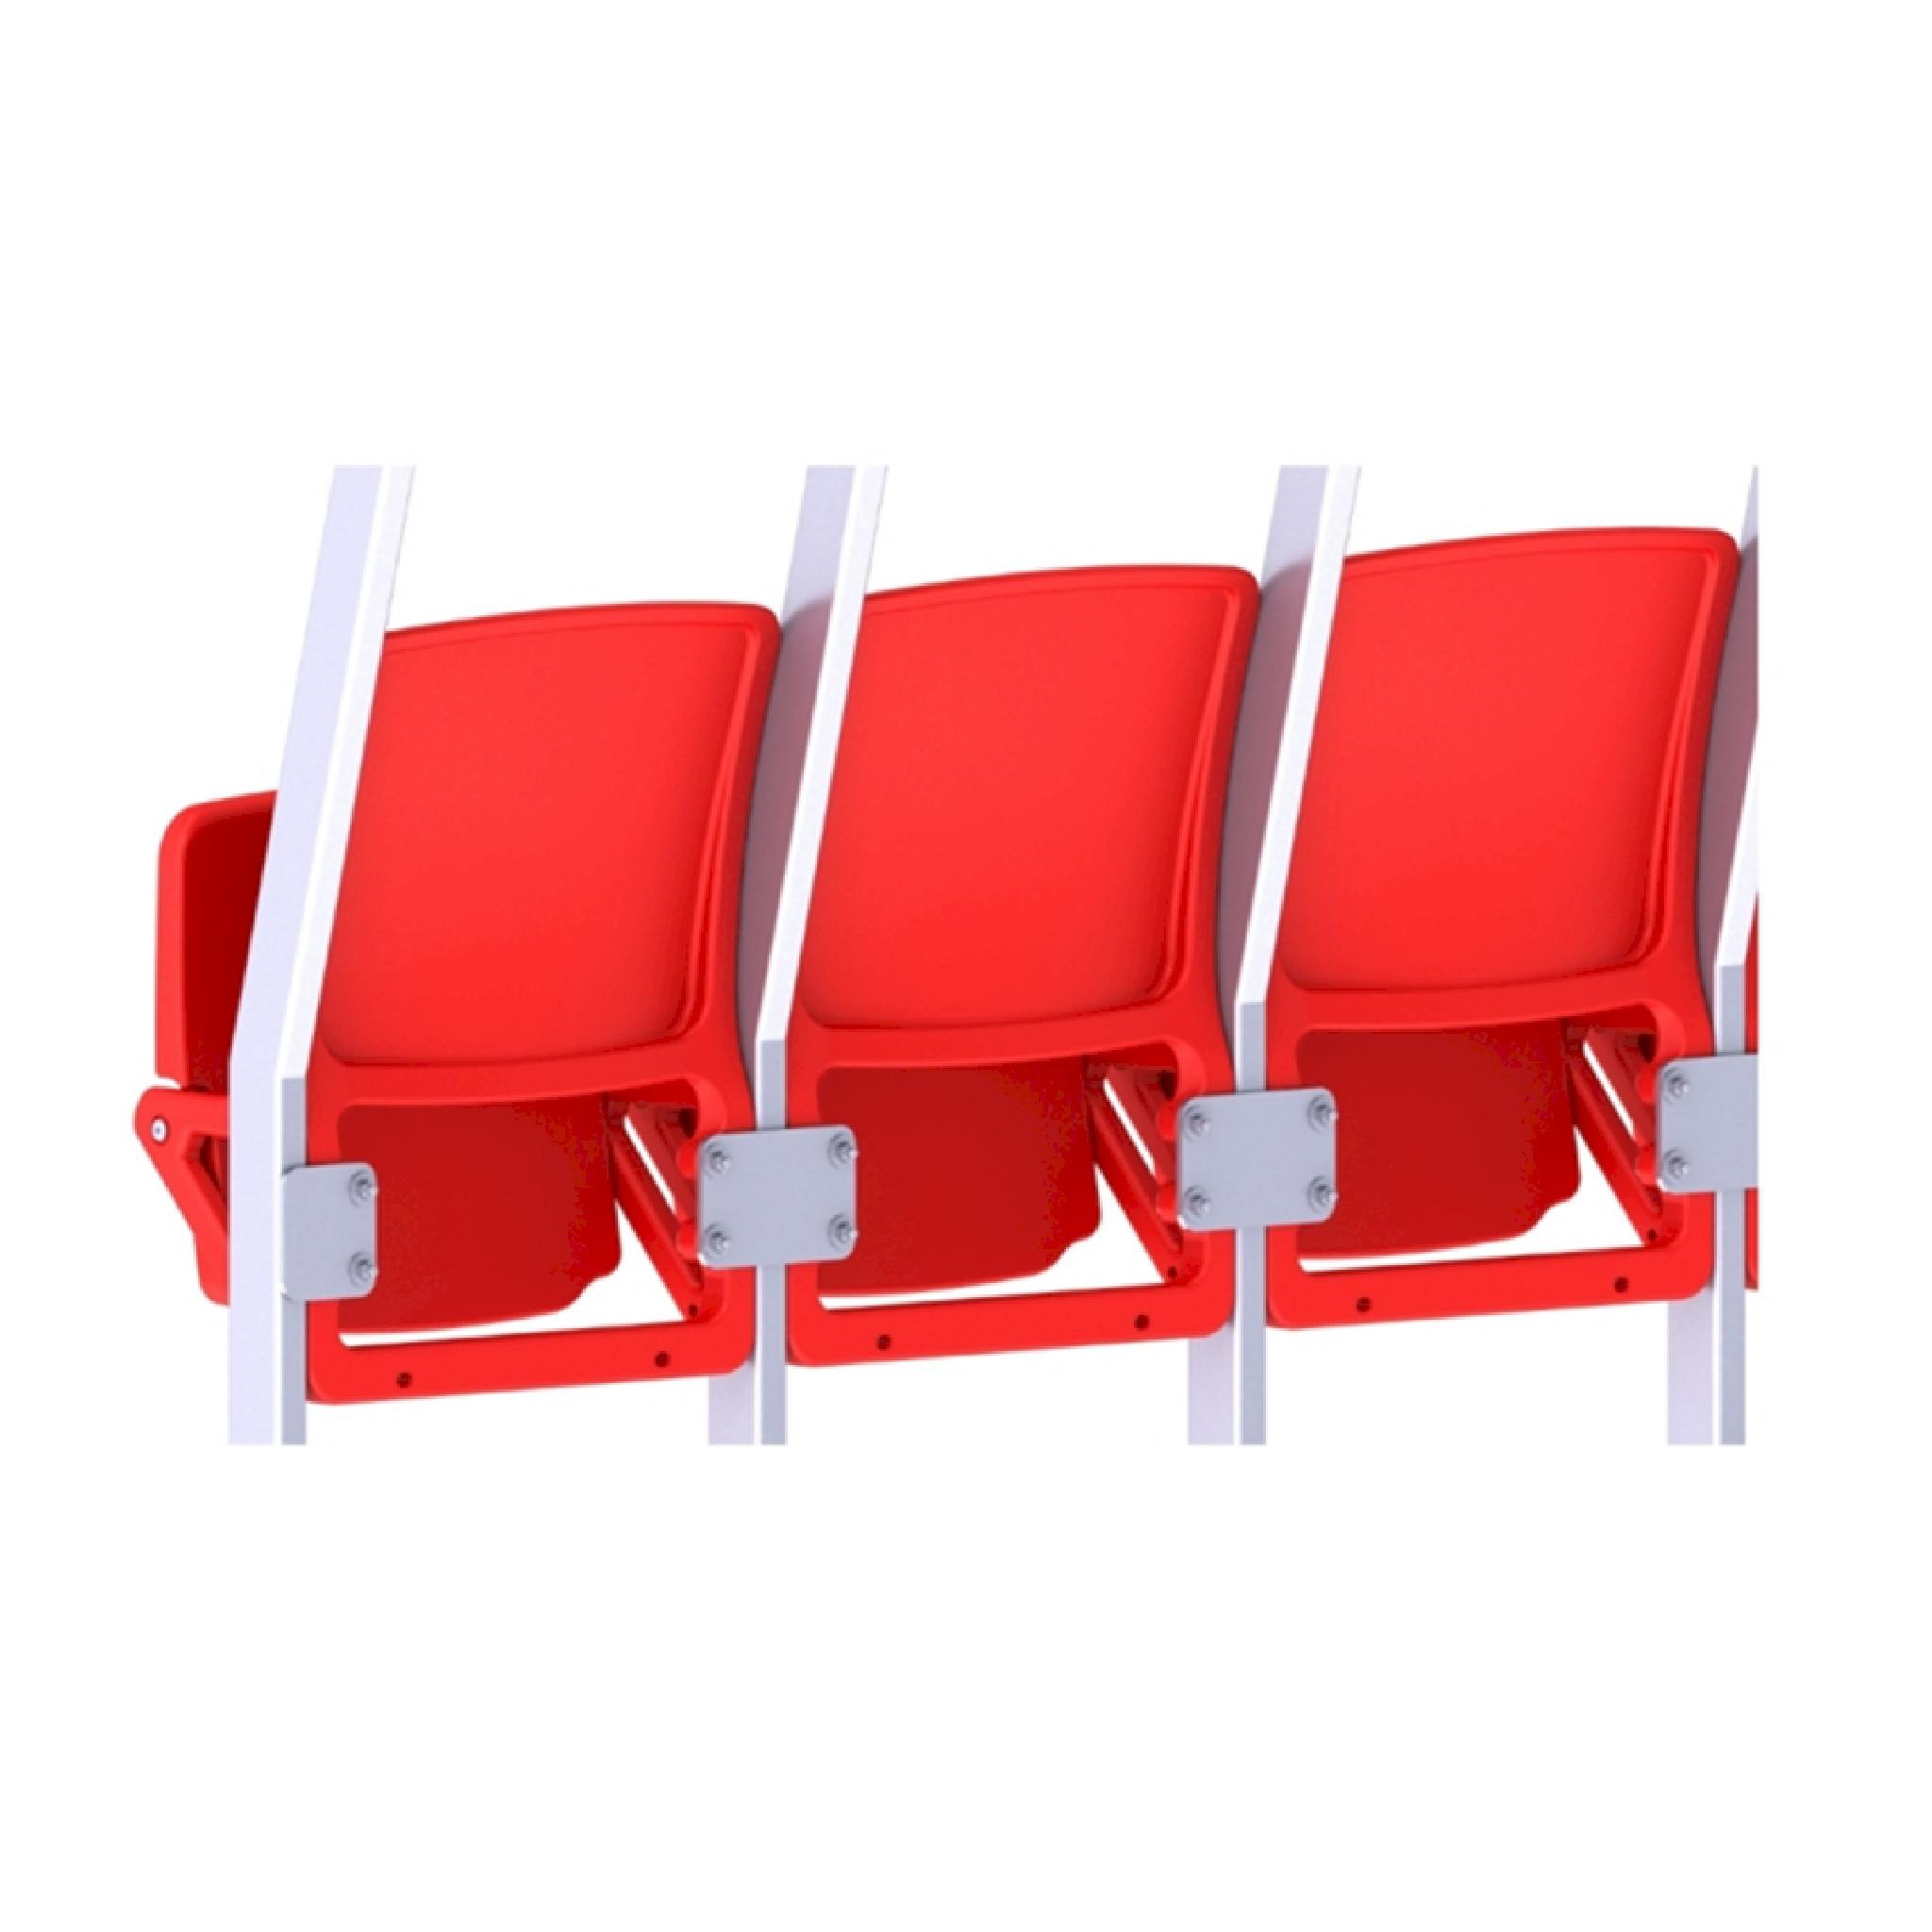 omega_tipup_stadium_chair_seatorium_09